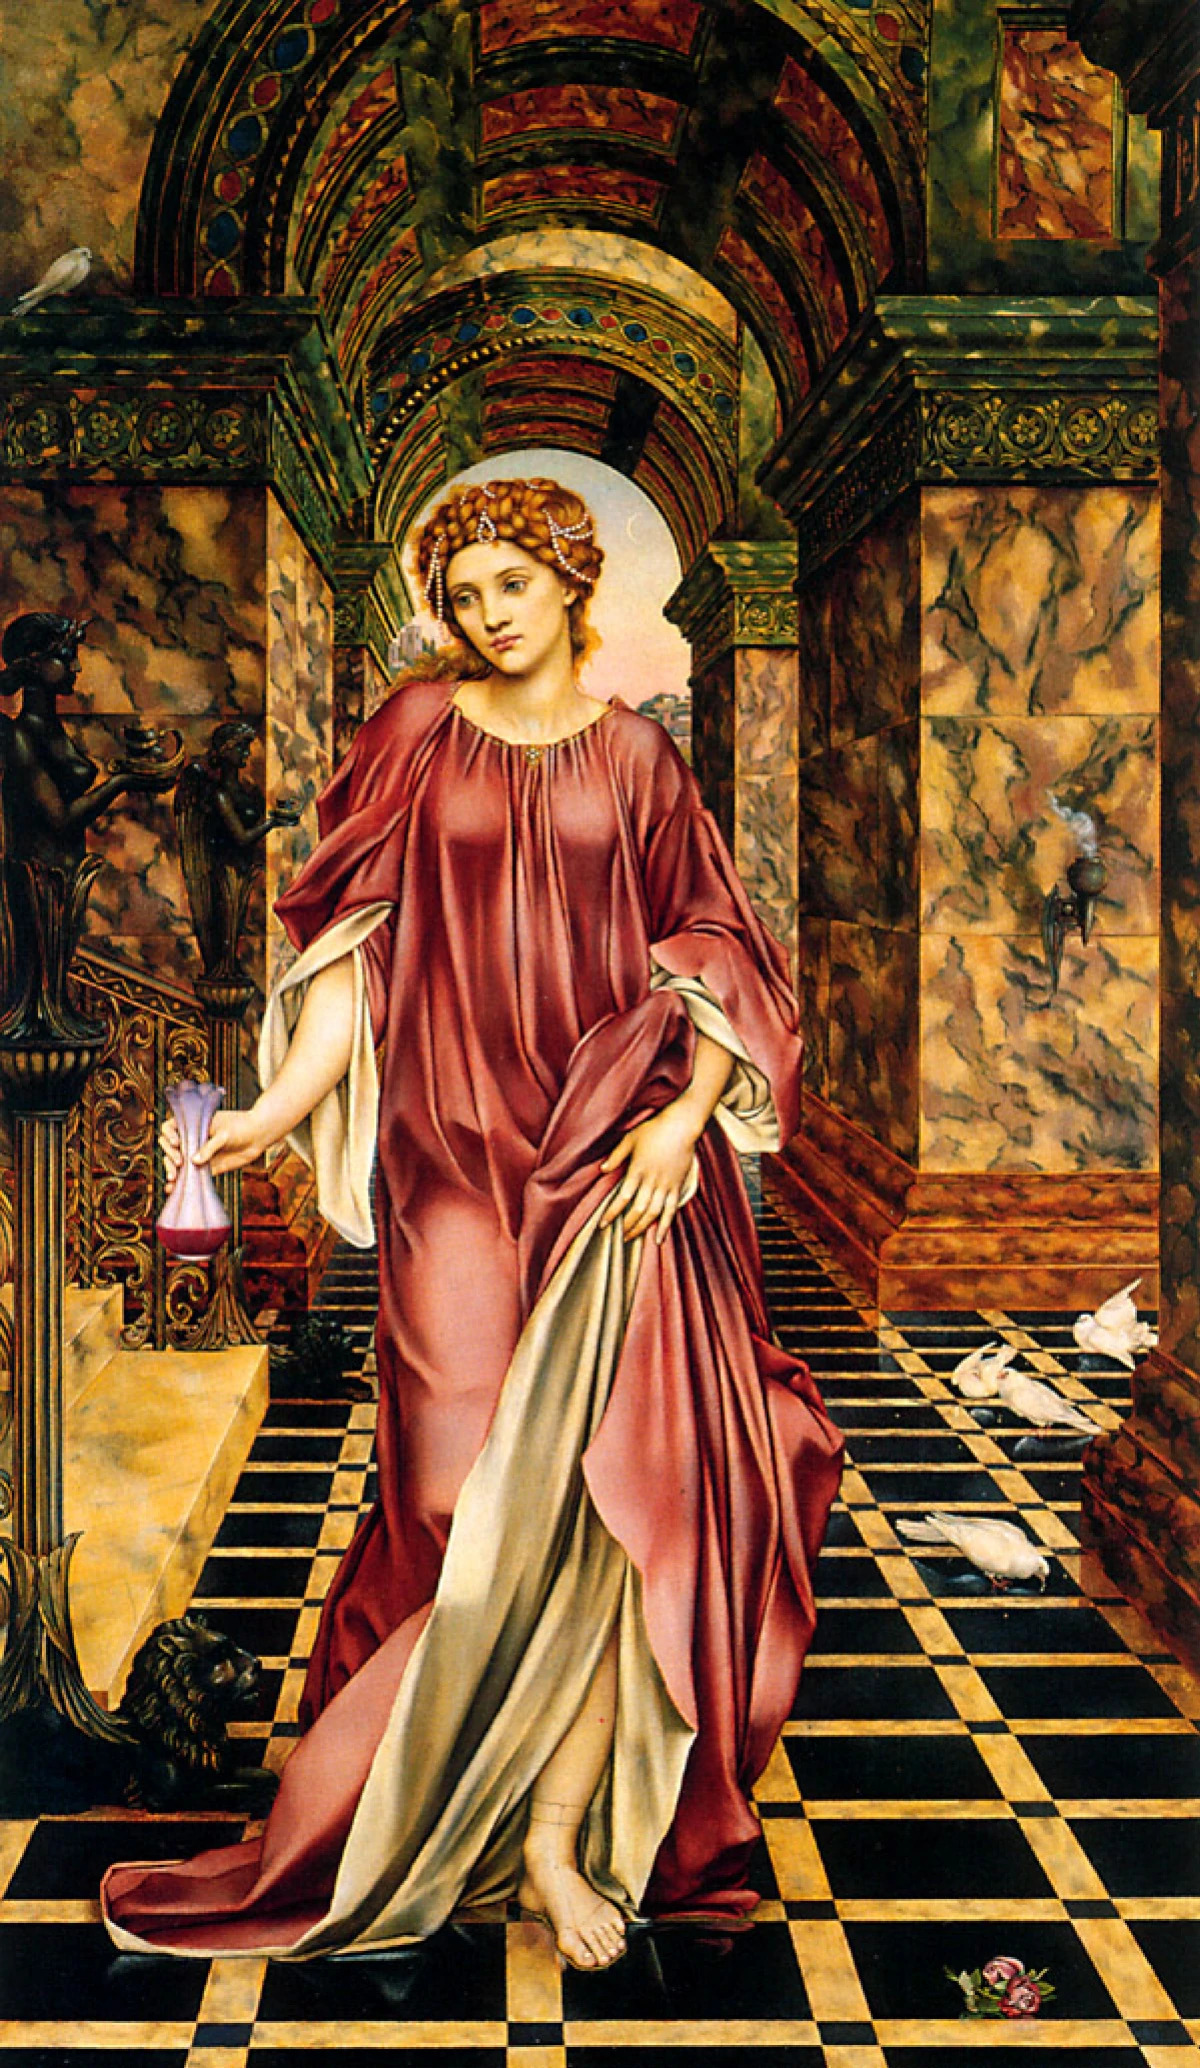 Medea by Evelyn De Morgan, 1889